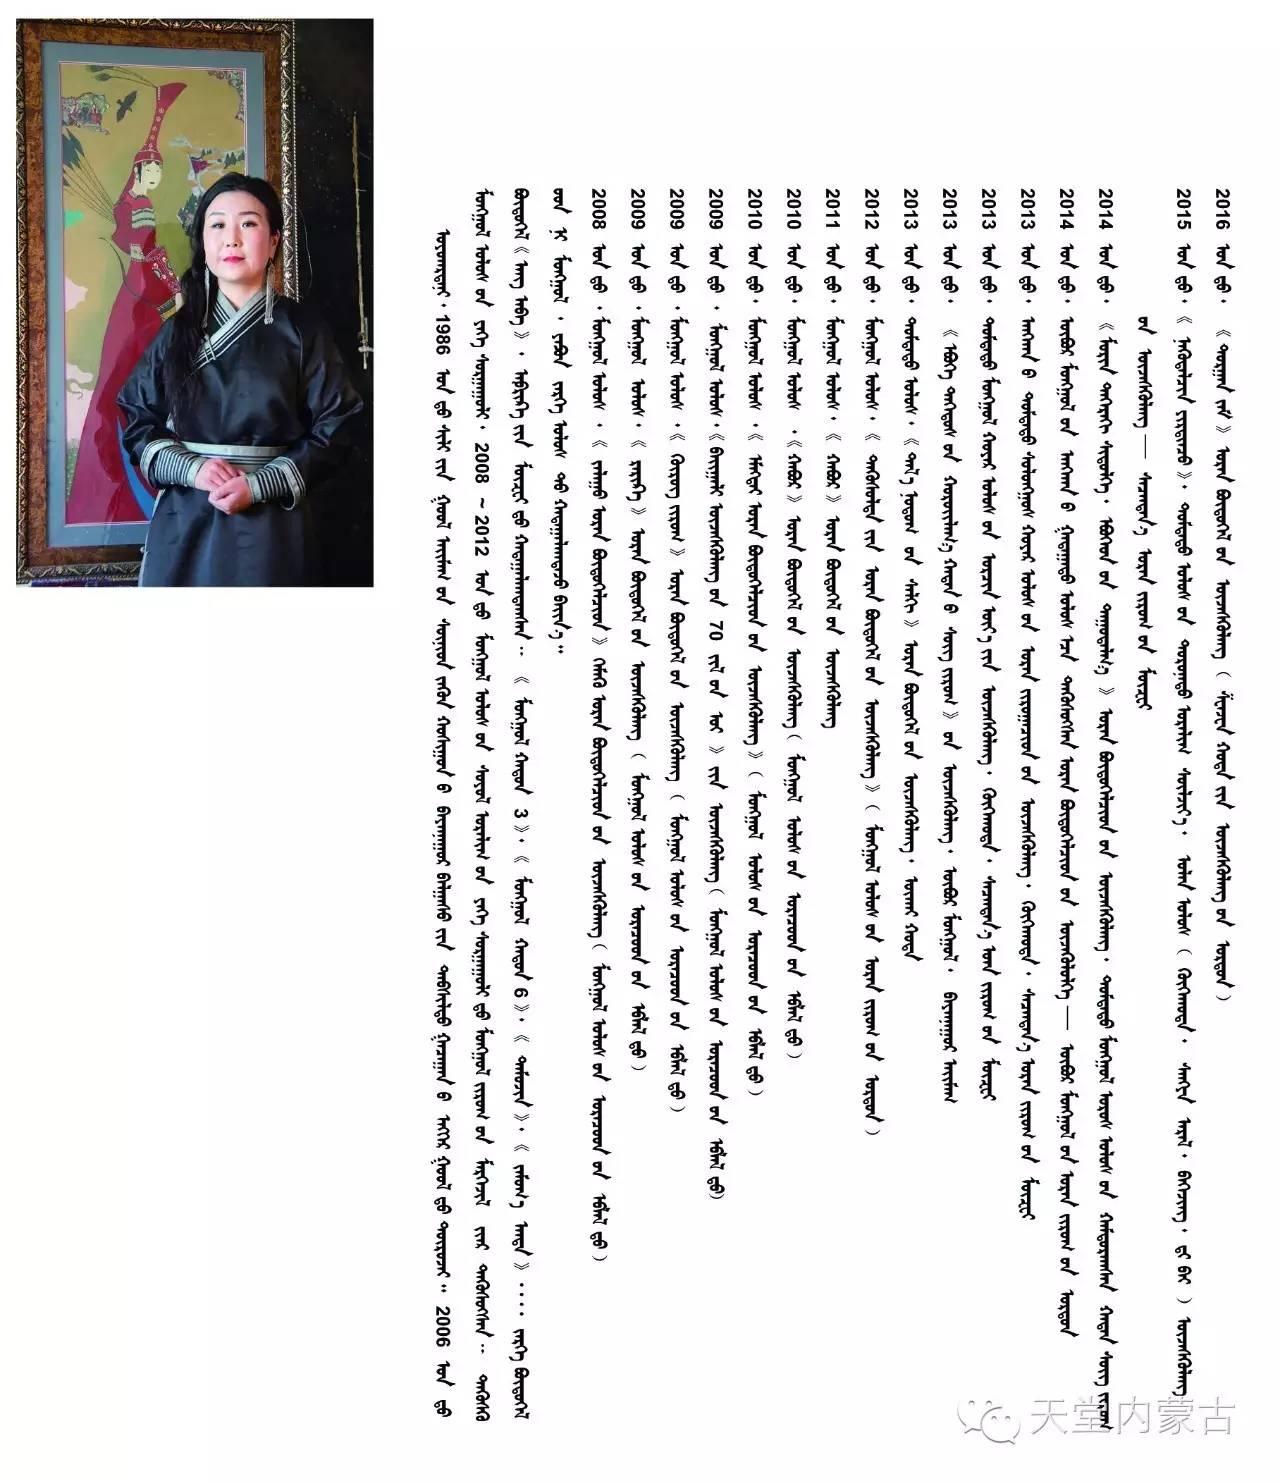 🔴内蒙古蒙古画艺术家乌云额尔德尼《故乡的呼唤》个人艺术展 第1张